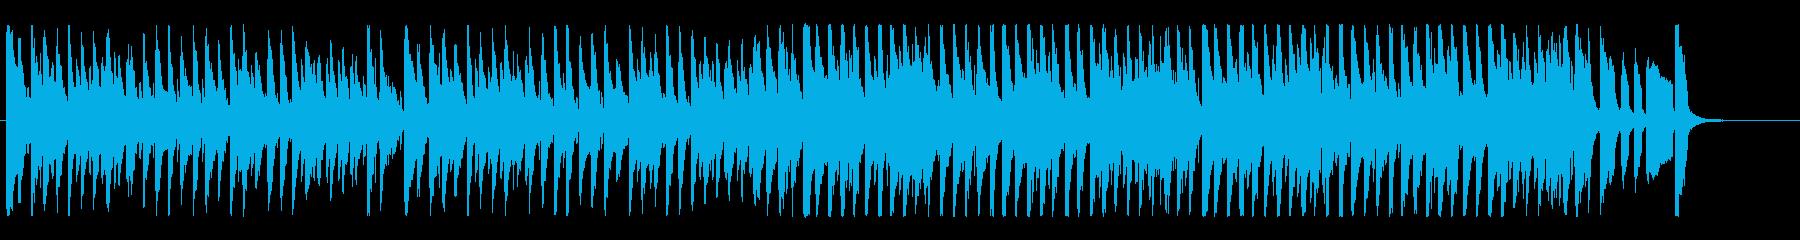 アコースティックメインの楽しいポップ!の再生済みの波形